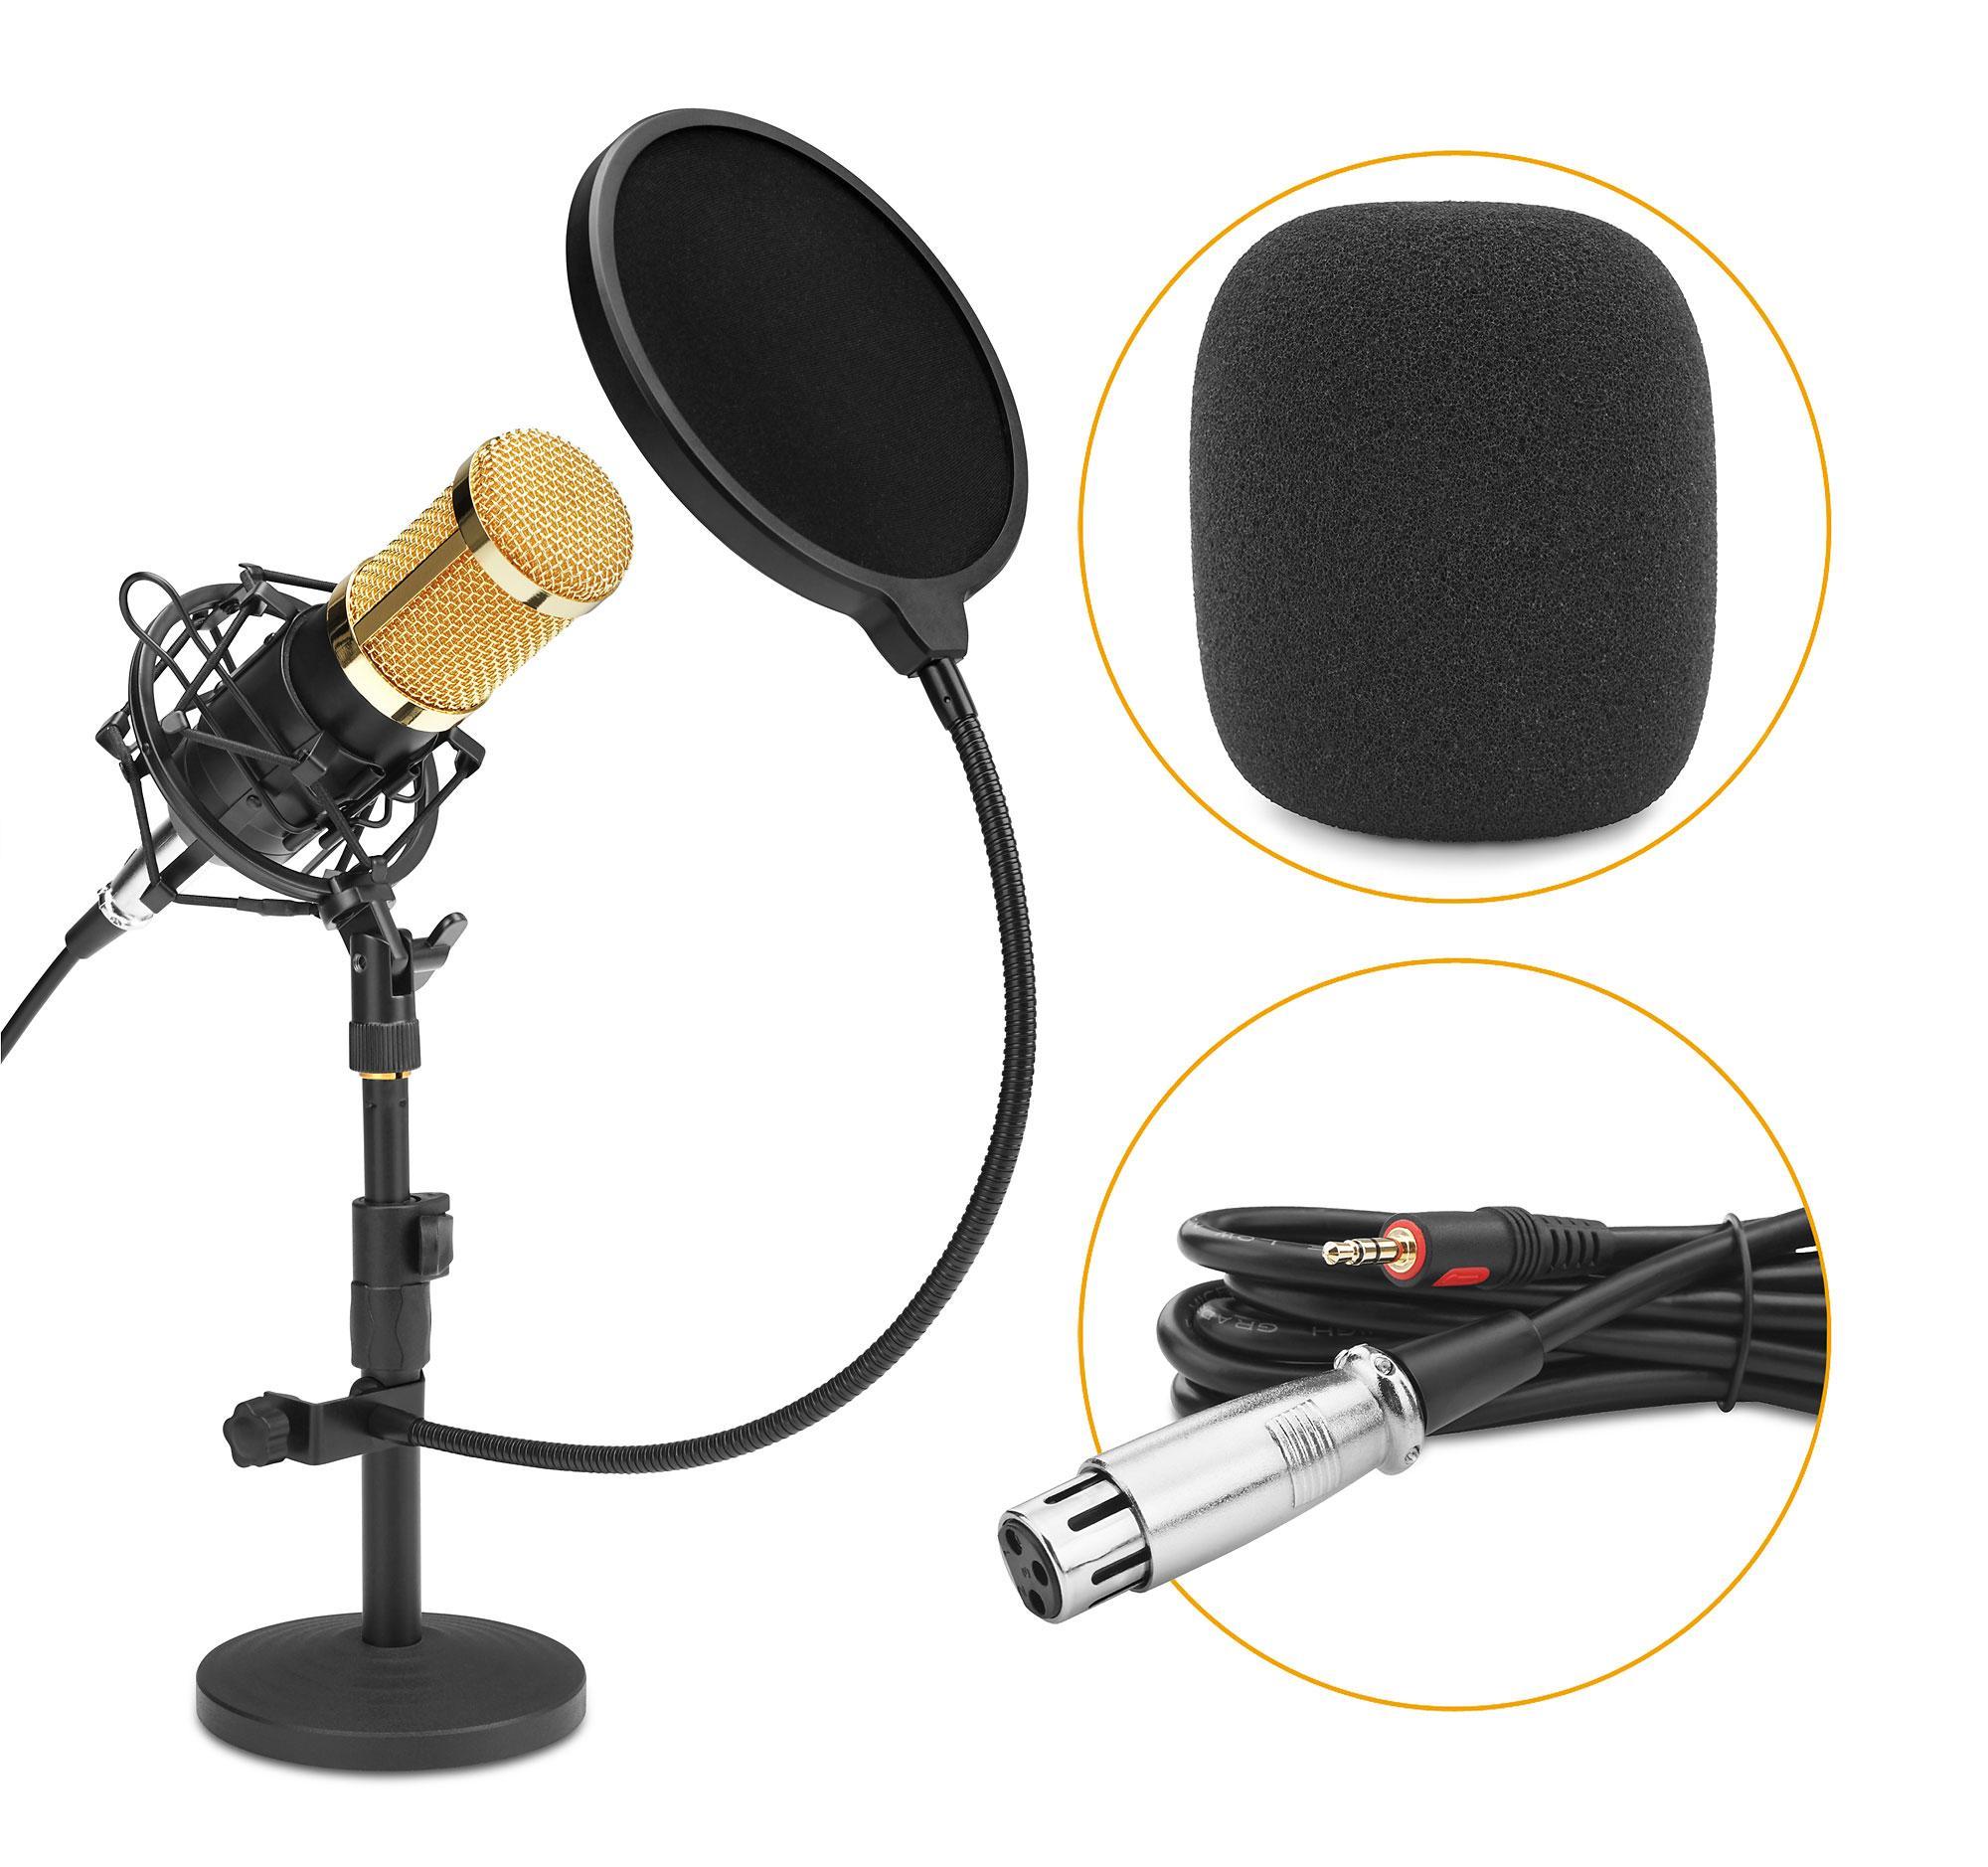 McGrey CM 80B Kondensator Podcast Set mit Mikrofon, Tischstativ und Popkiller